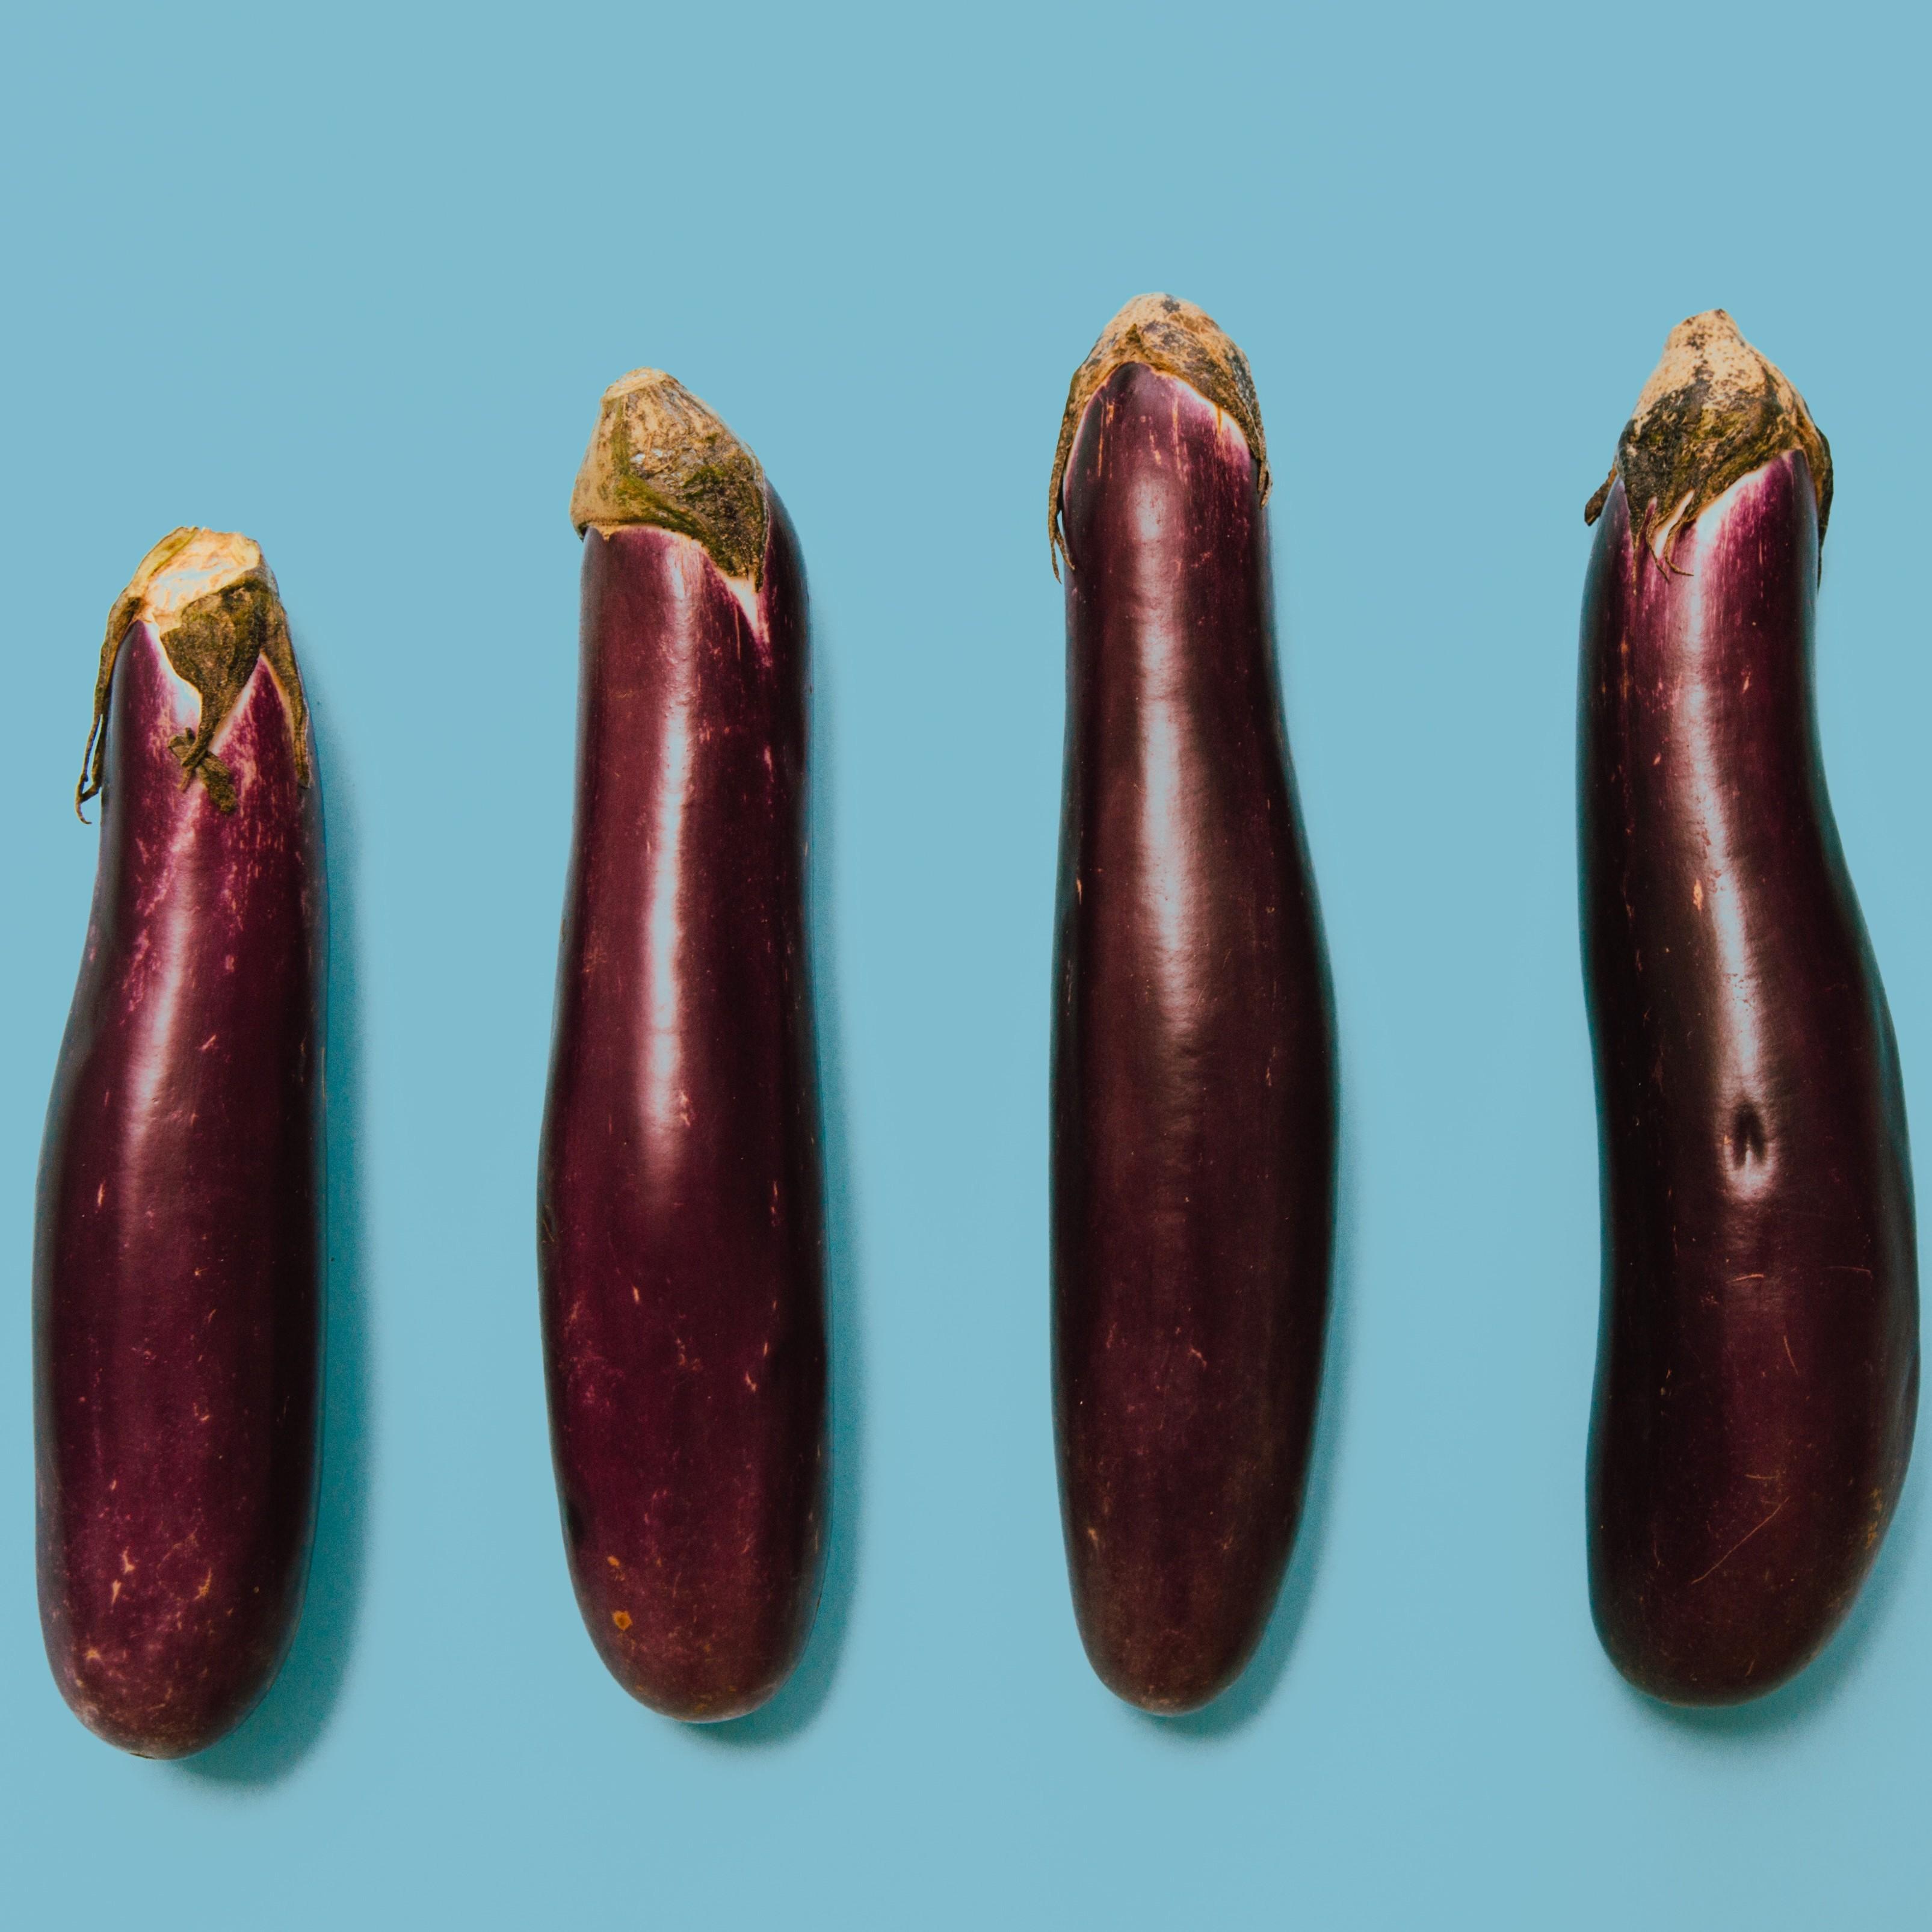 erecția dimineața a dispărut ce să facă dimensiunea medie a circumferinței penisului